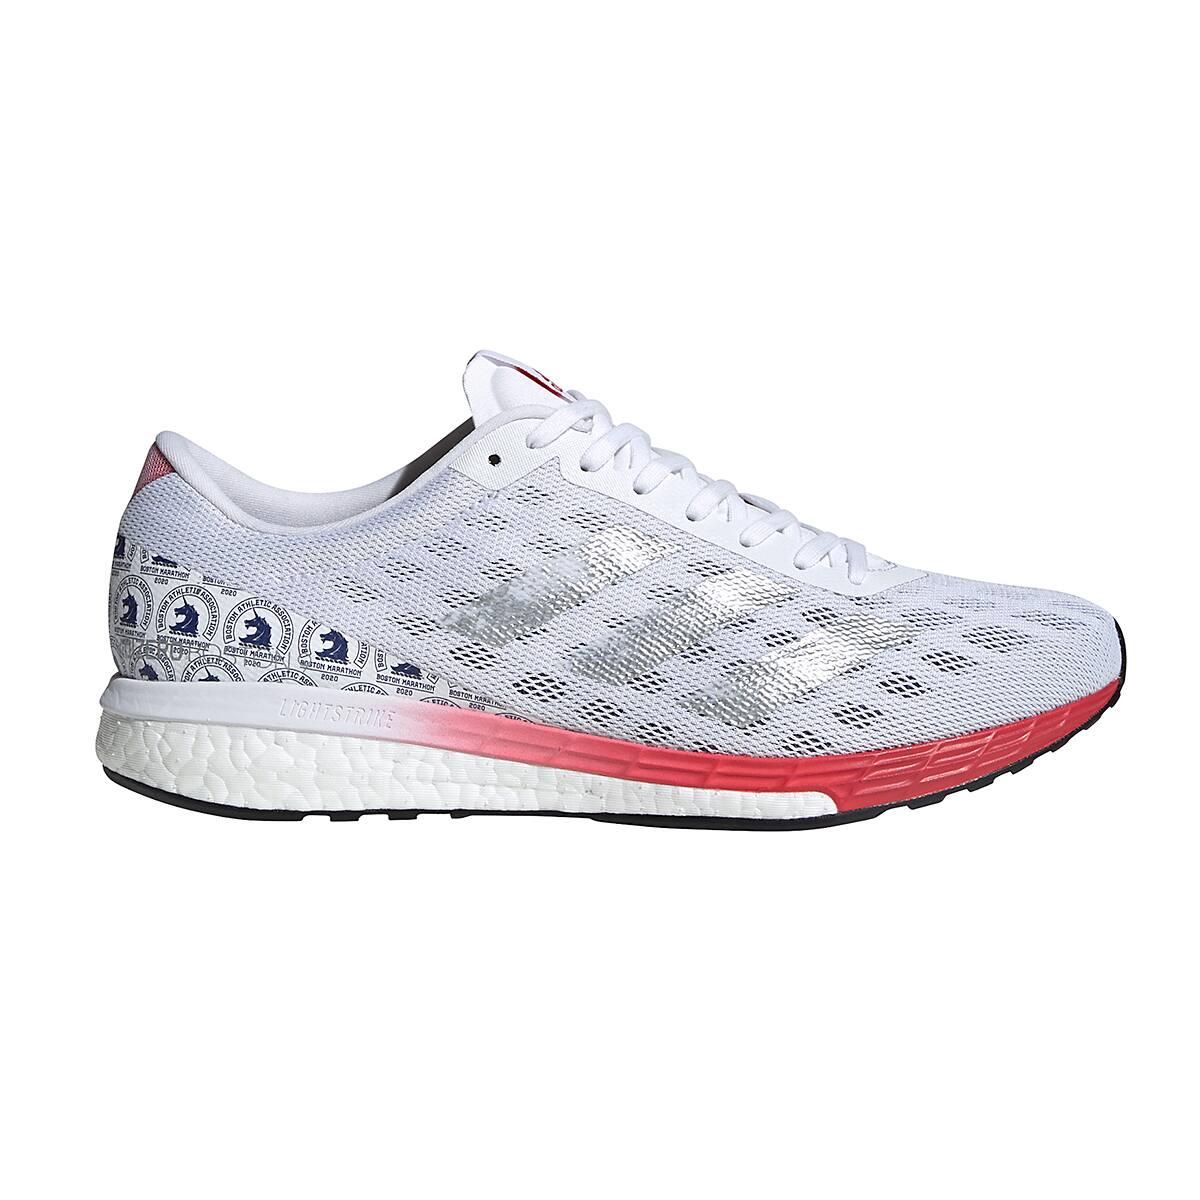 adidas Adizero Boston 9 Running Shoe $55.00 + Free Shipping